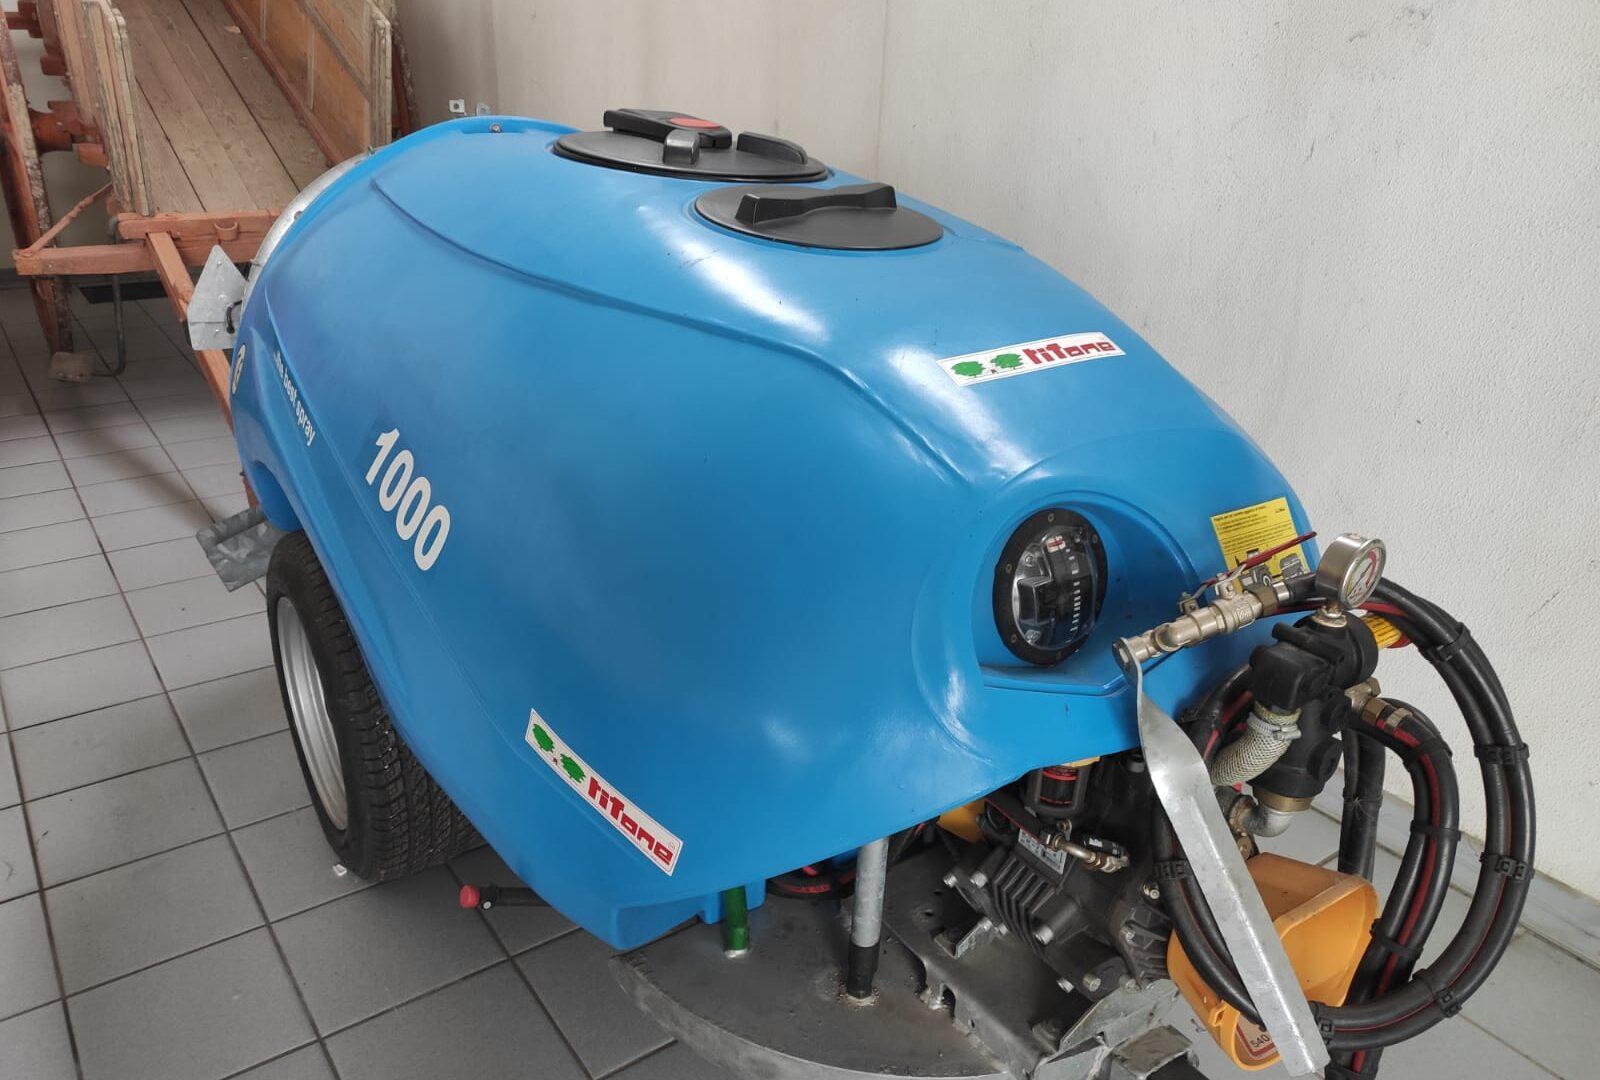 Atomizzatore nuovo Tifone 1000 32 E